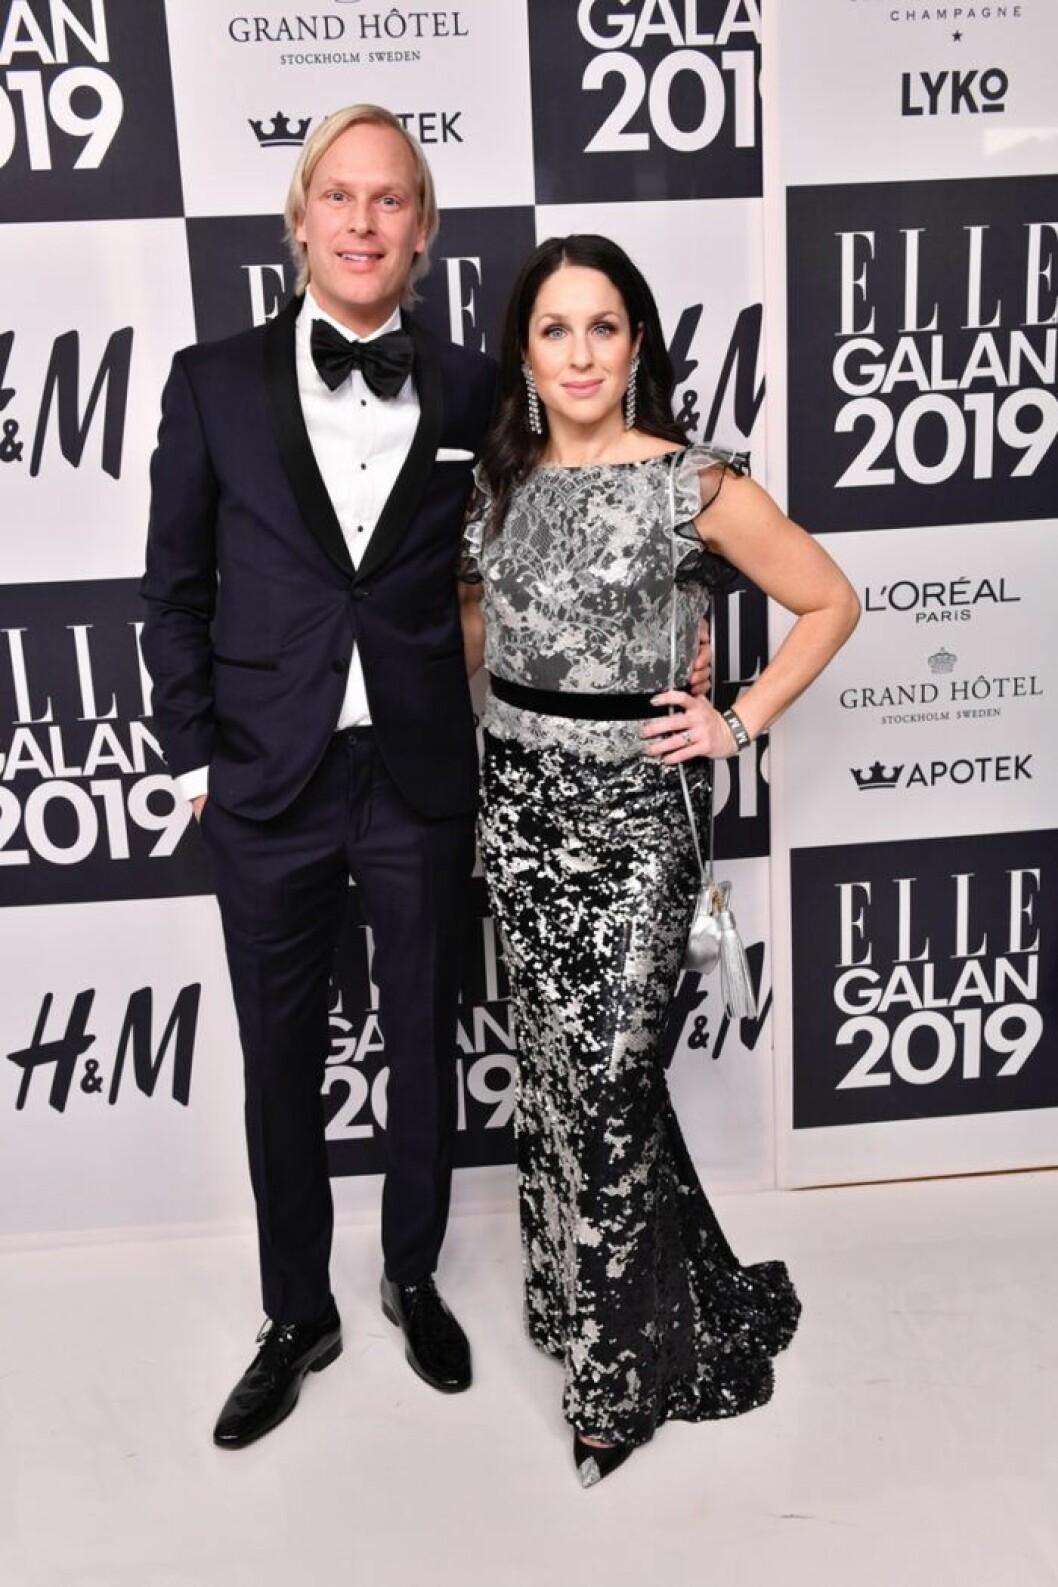 Jonas Unger med sin partner Sara Sommerfeld